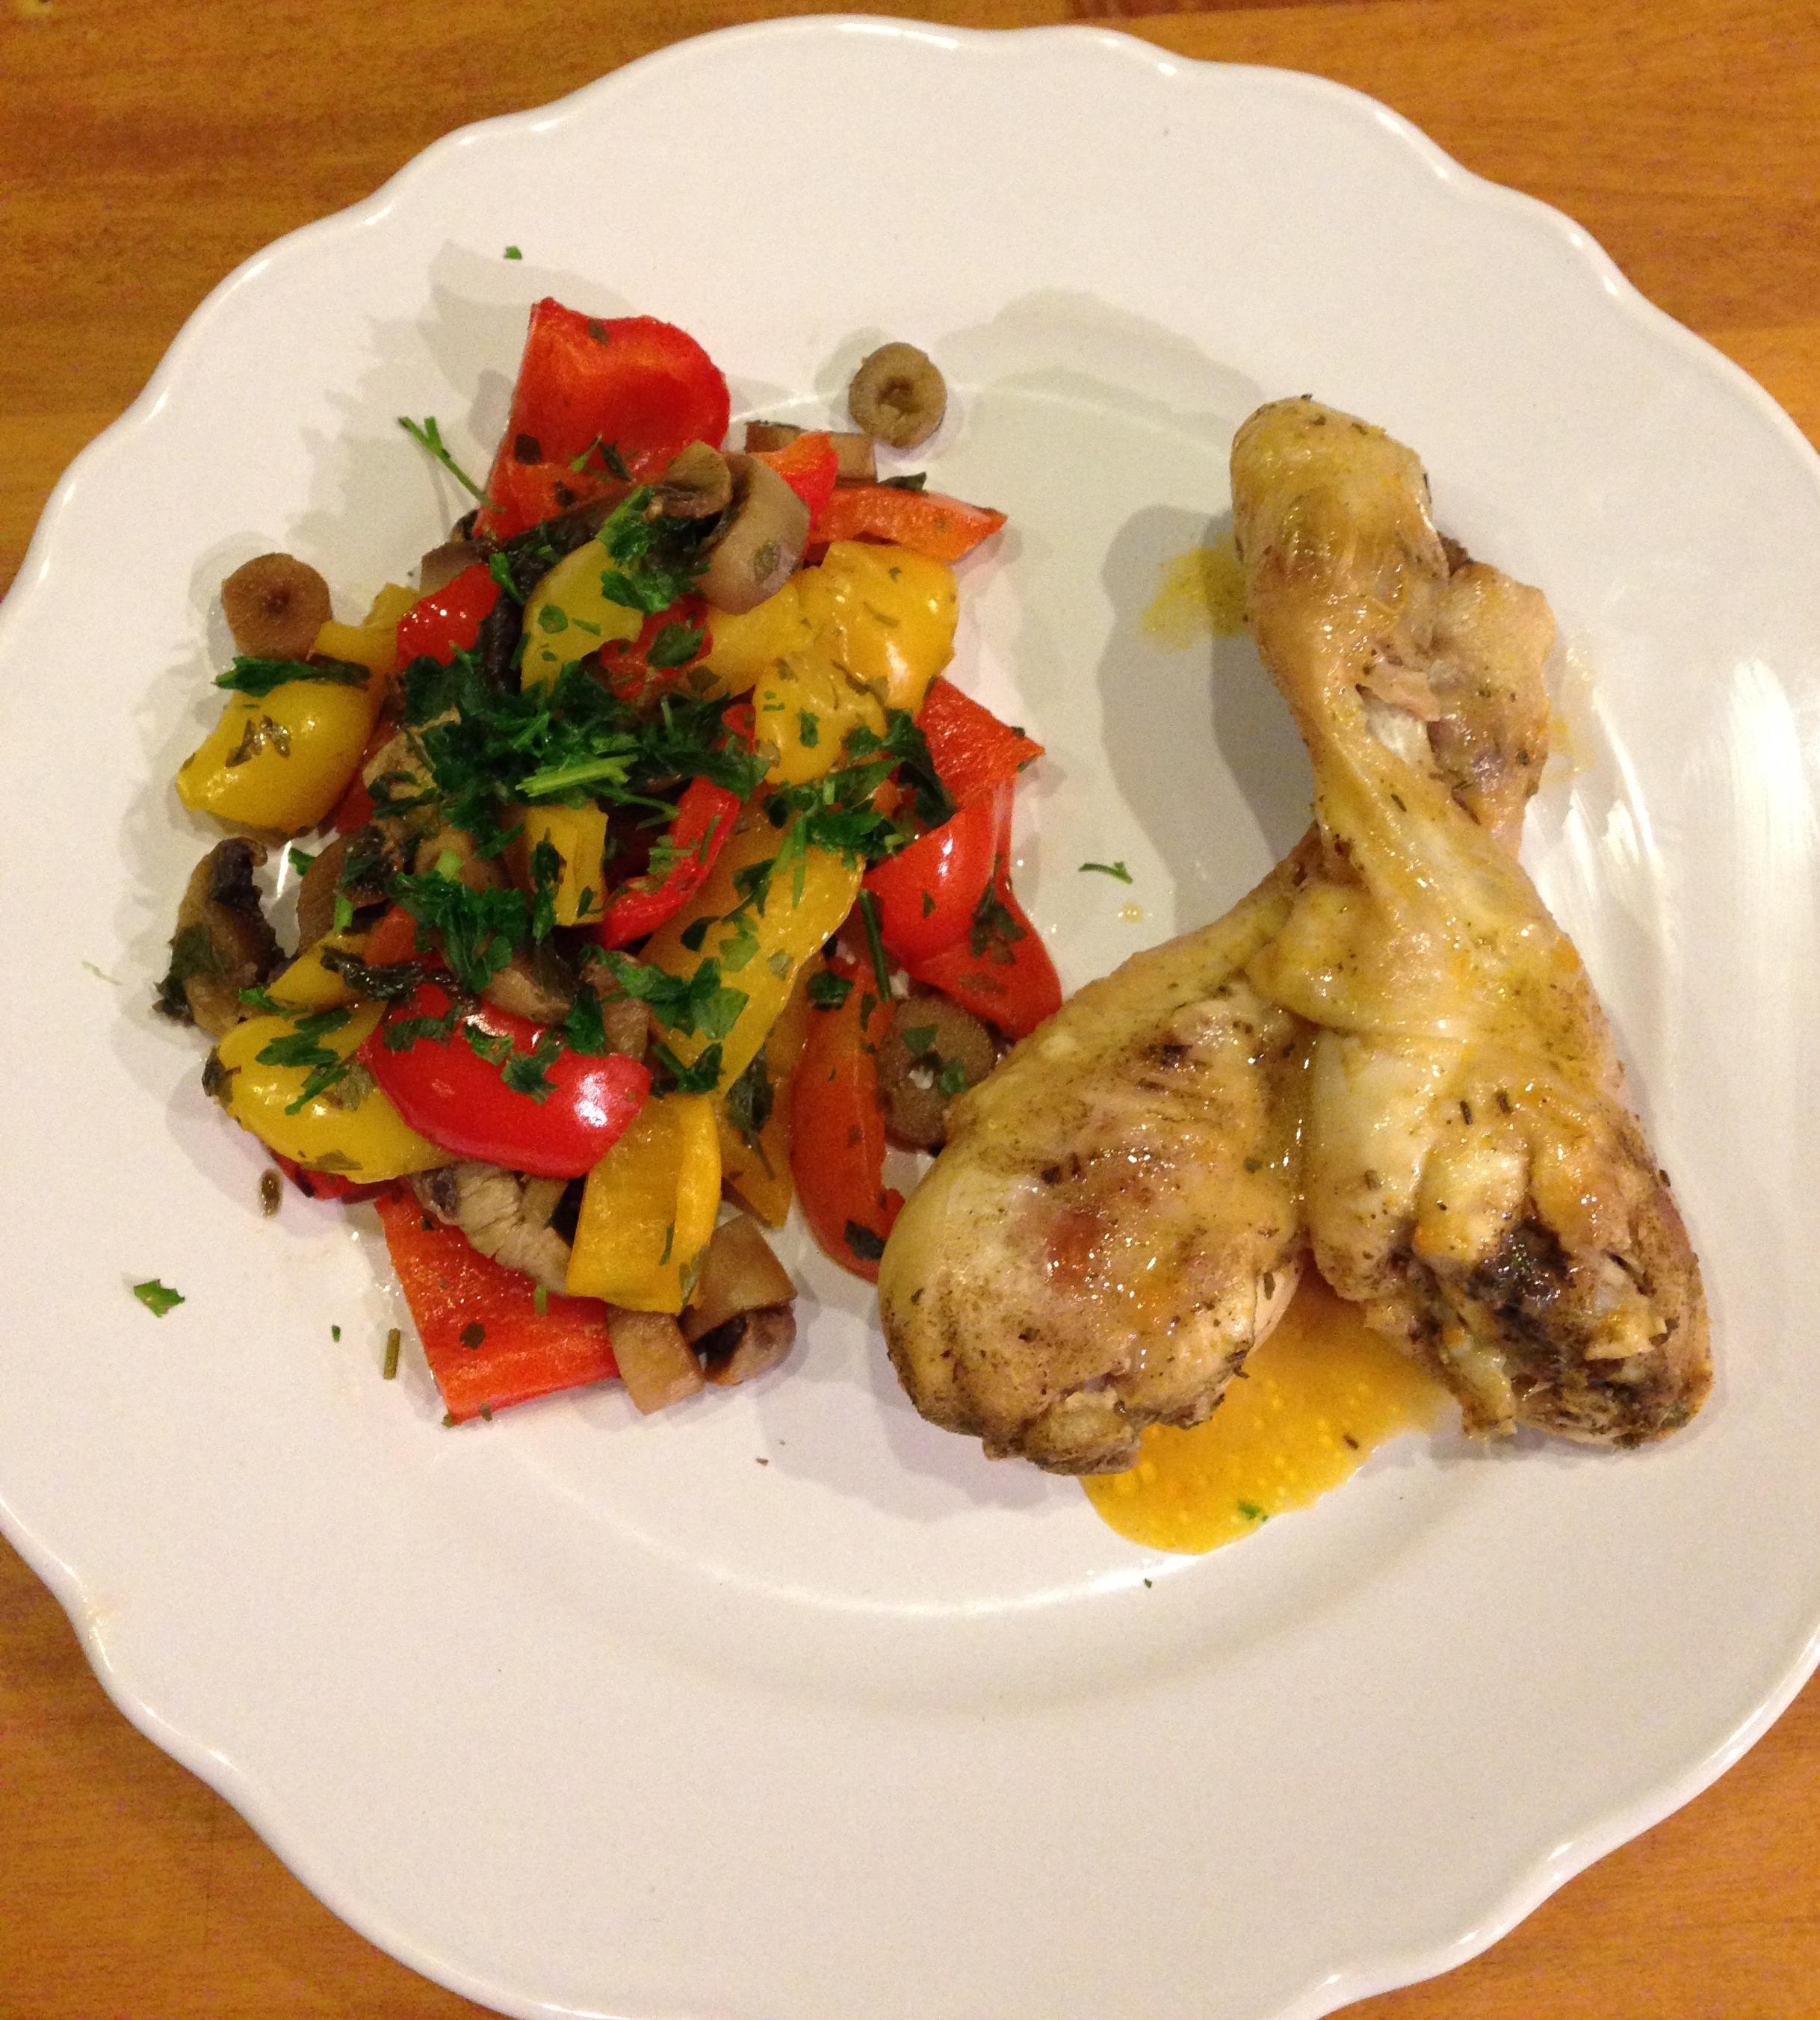 Pranzo: fusi di pollo bolliti e conditi con succo di pompelmo, contorno peperoni saltati con funghi e prezzemolo